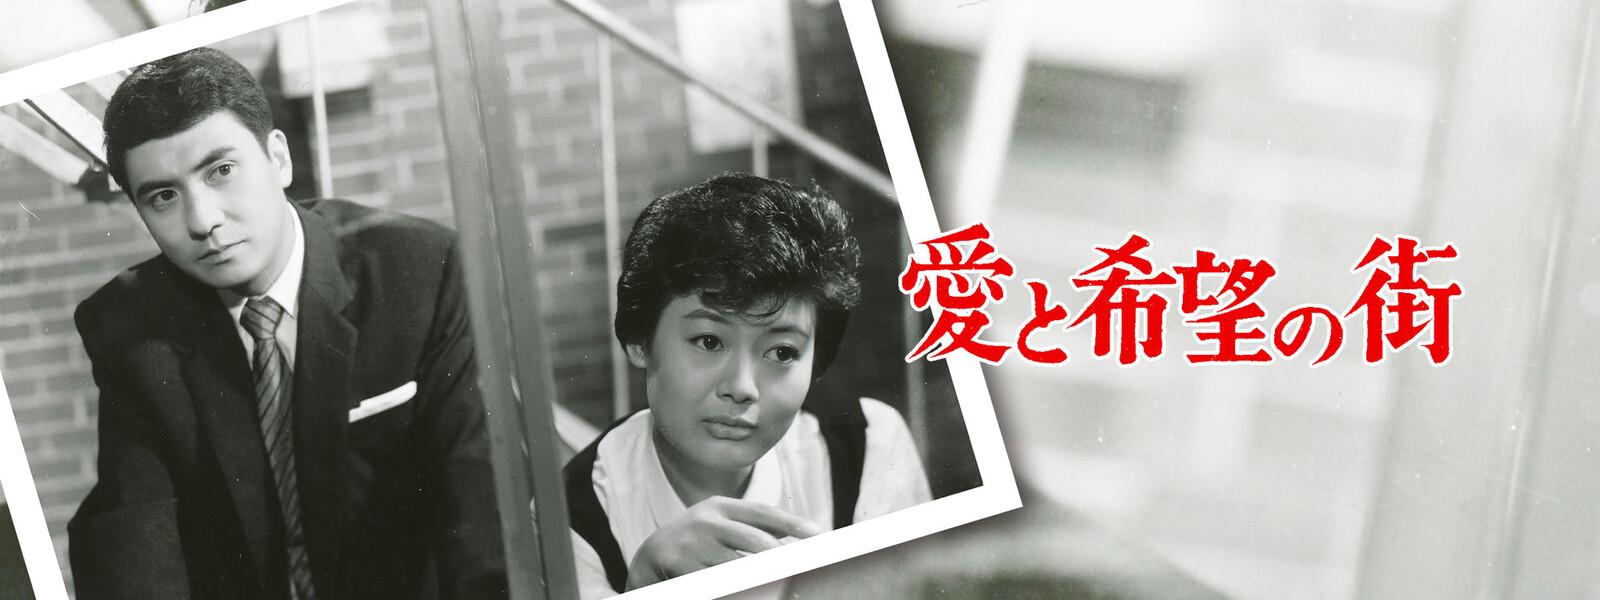 愛と希望の街:ある小都市の駅前、靴磨きの女の人たちに混じって一人の少年・正夫 (藤川弘志) が鳩を売っていた。そこへ会社役員の令嬢・京子 (富永ユキ) が通りかかり、その鳩を七百円で買った。正夫はお金が要るから鳩を売ると言う。京子は同情するが、実は鳩が巣に戻る習性を利用した巧みな金儲けだった。